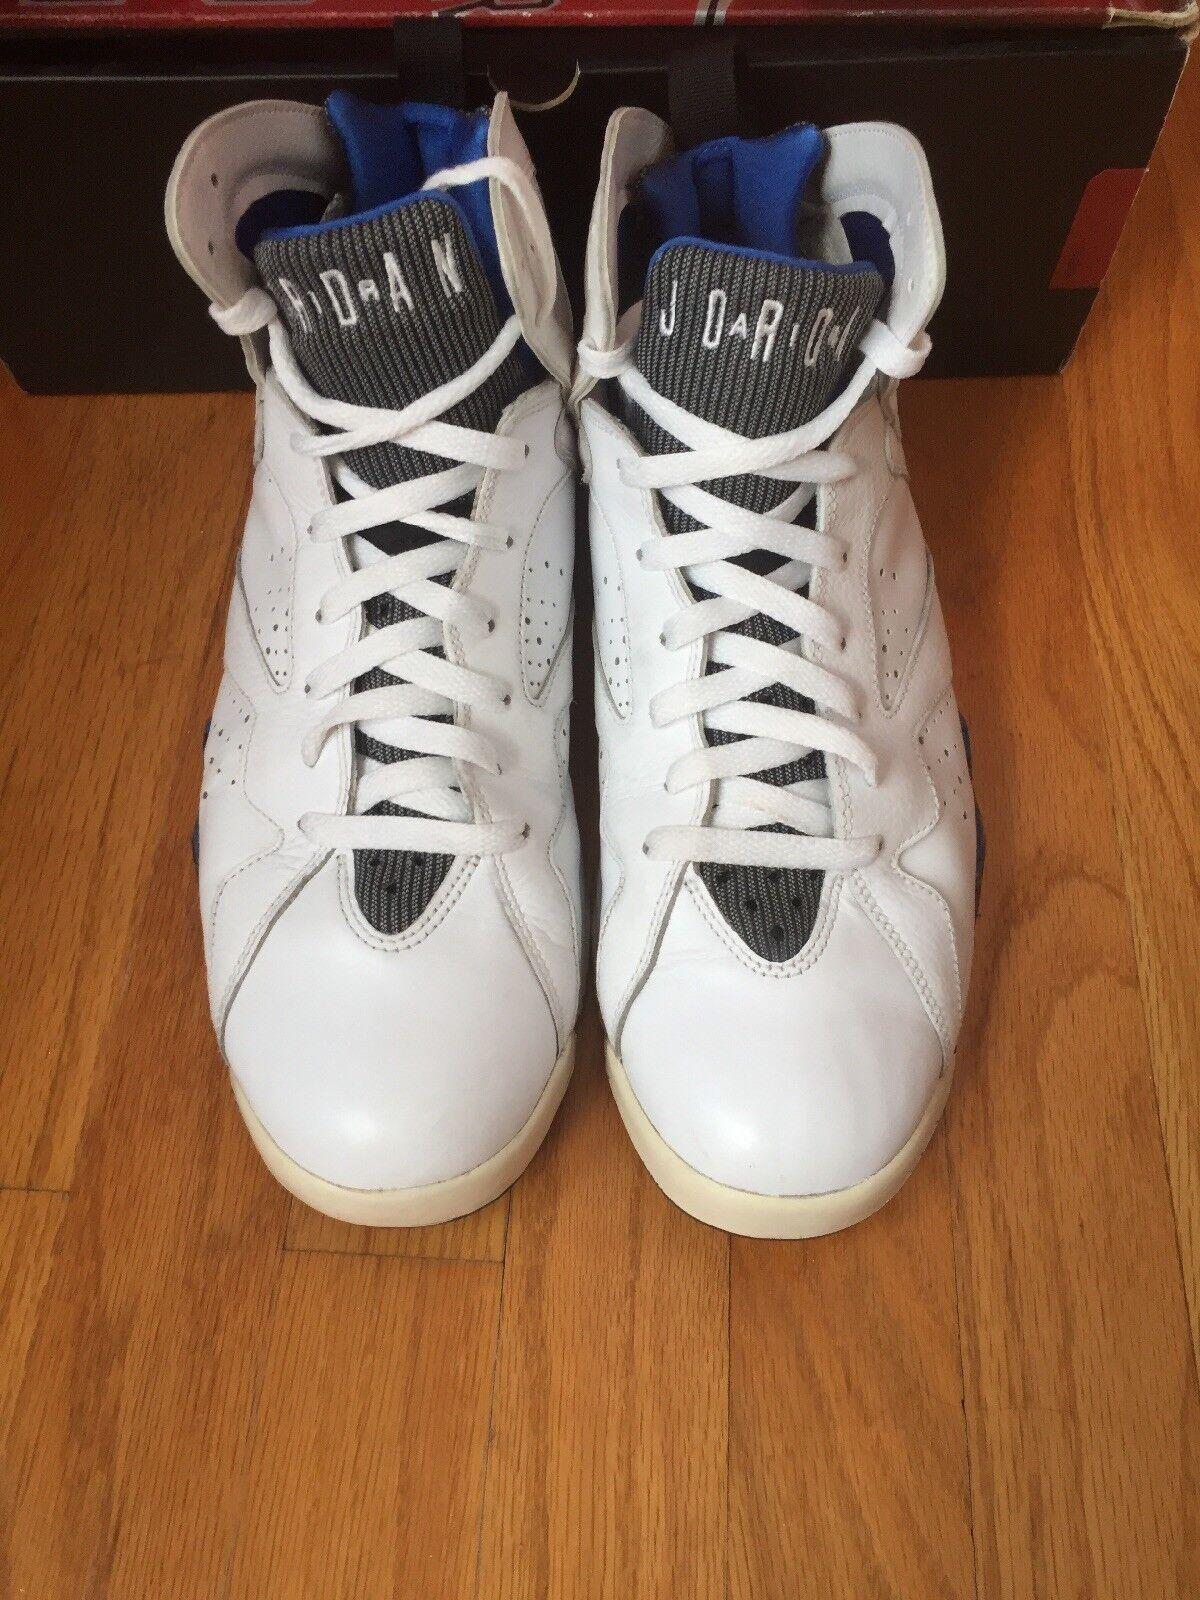 Air Jordan 7 DMP Orlando Magic White Black Varsity Royal Size 10 304775 161